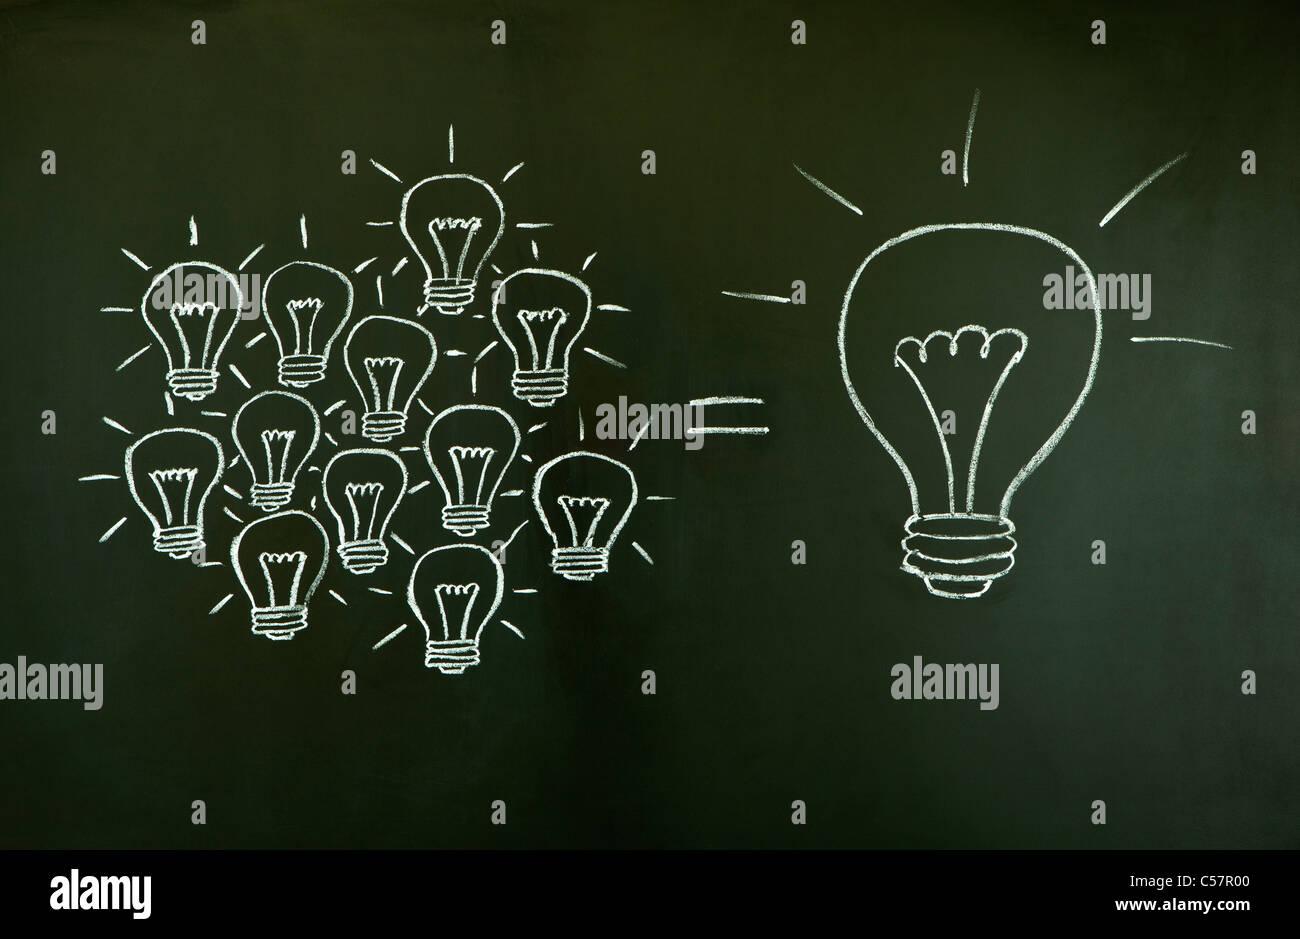 Molte piccole idee uguale uno grande, illustrata con un gessetto disegnate le lampadine della luce su una lavagna. Immagini Stock